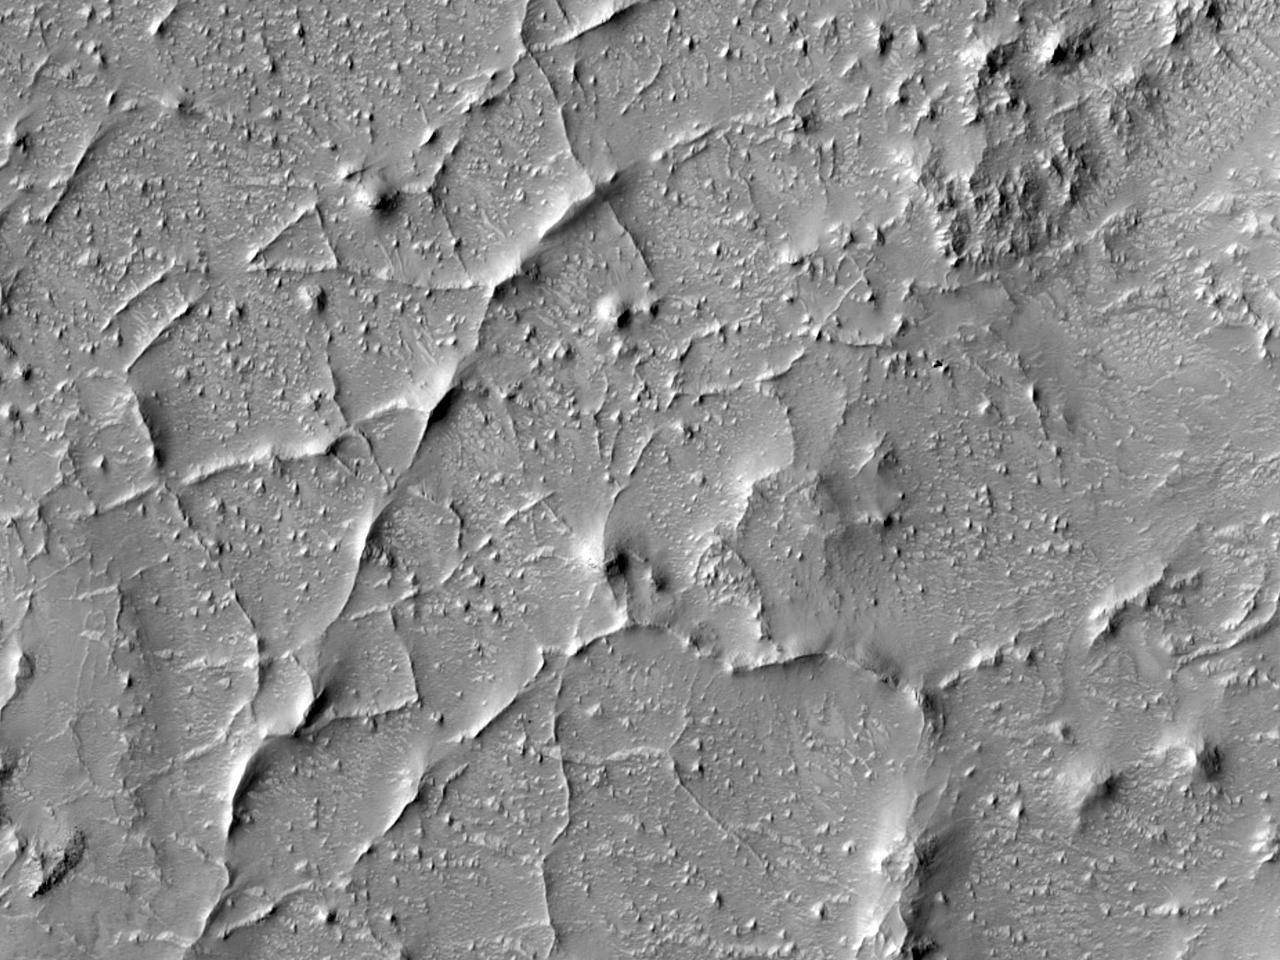 Rețea de rigole la nord de craterul Antoniadi